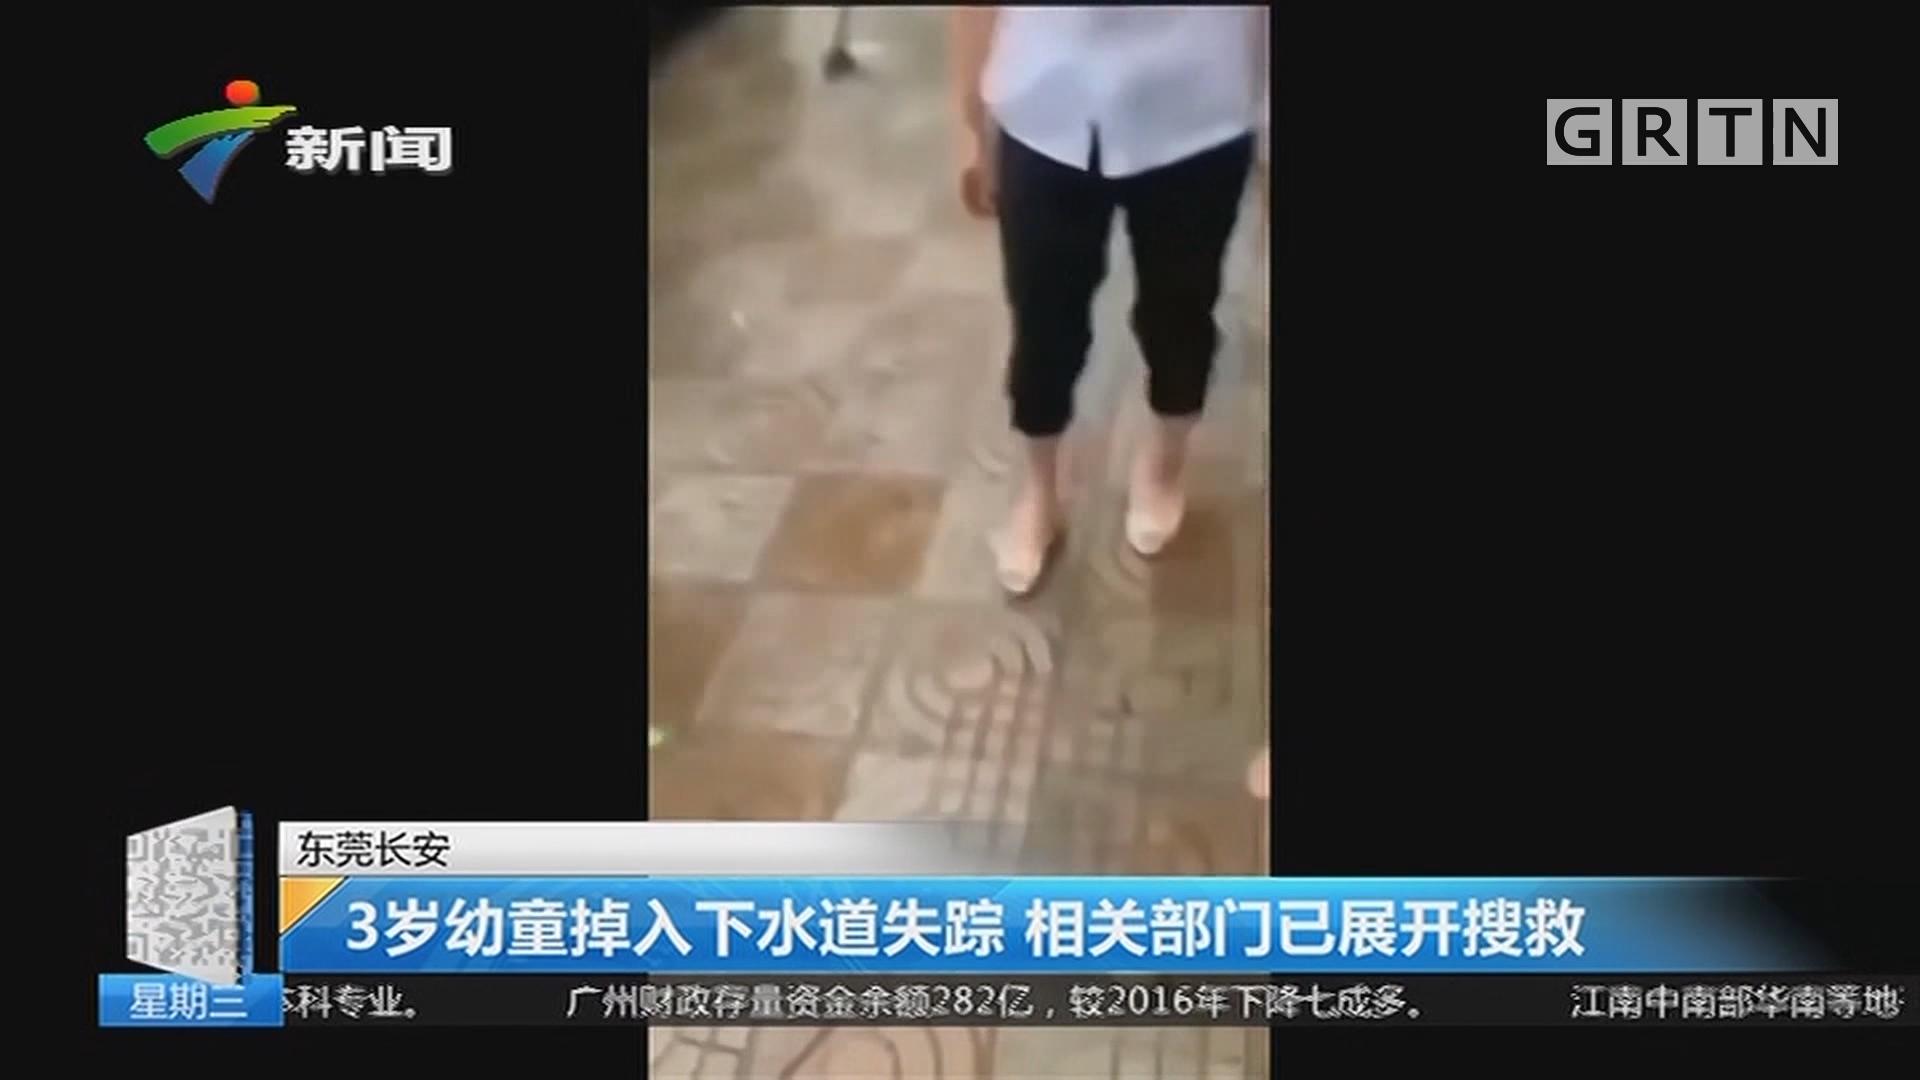 东莞长安:3岁幼童掉入下水道失踪 相关部门已展开搜救